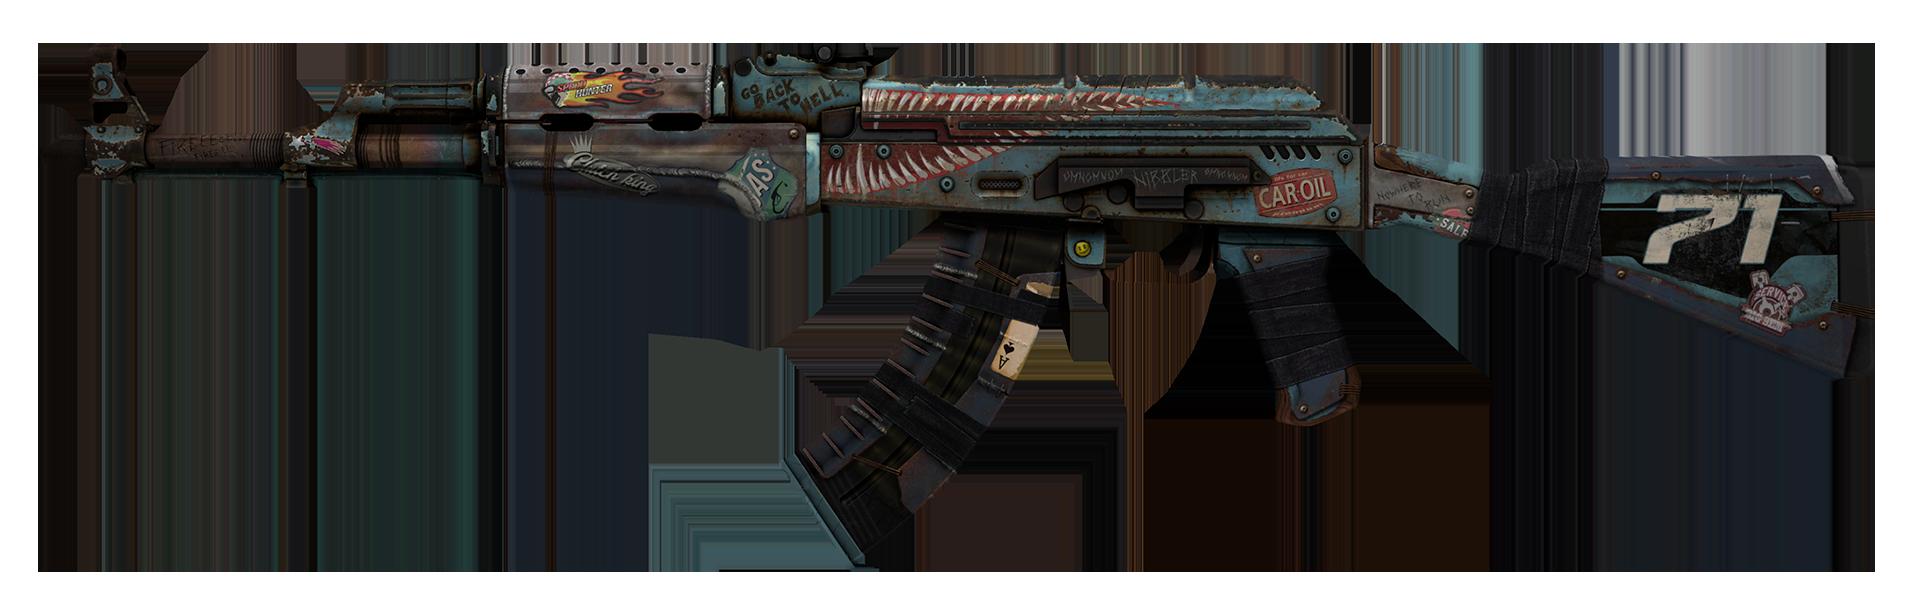 AK-47 Rat Rod Large Rendering